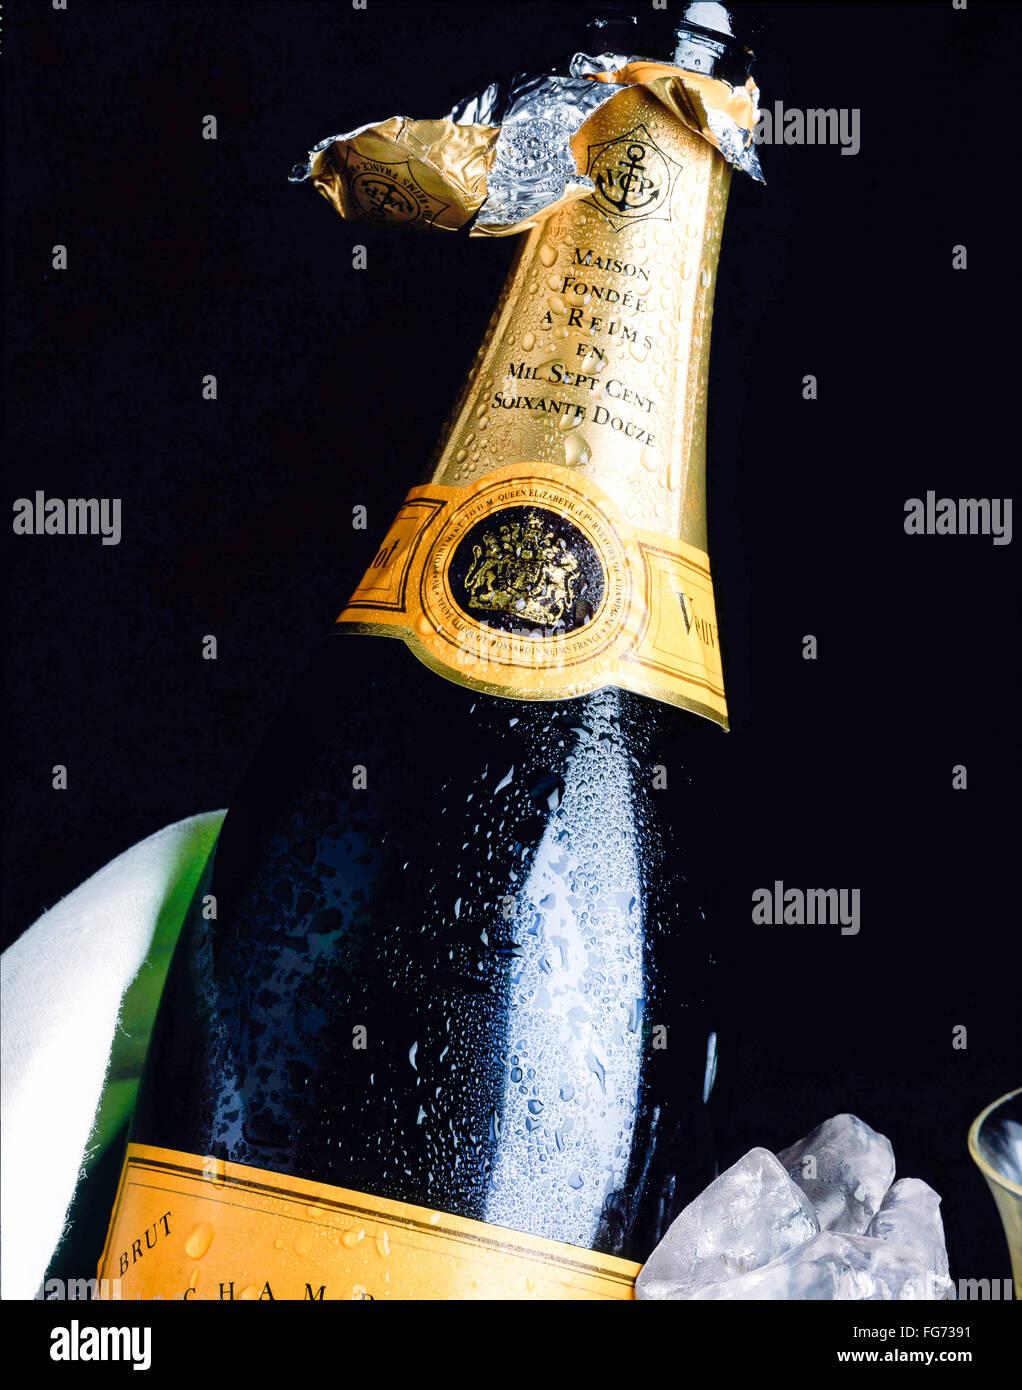 Aprire una bottiglia di Veuve Clicquot champagne nel secchiello ghiaccio, London, England, Regno Unito Immagini Stock